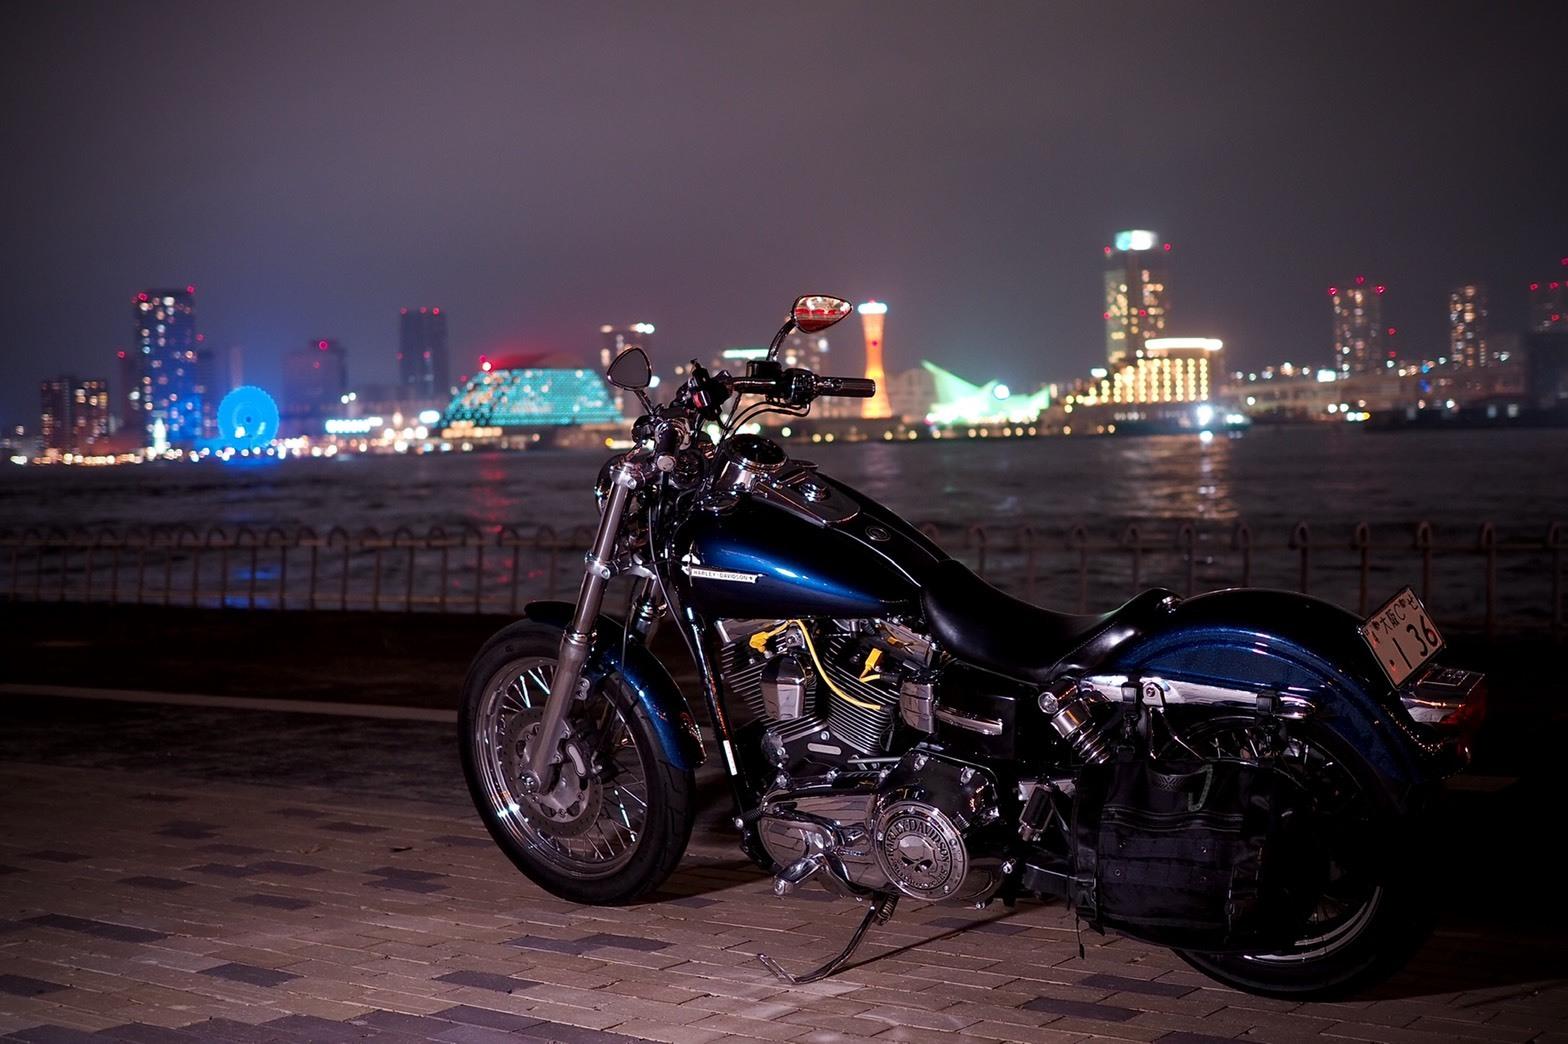 ぴーきちハーレーブログ 神戸ナイトツーリング 夜景撮影 インスタ映え ポートアイランド北公園